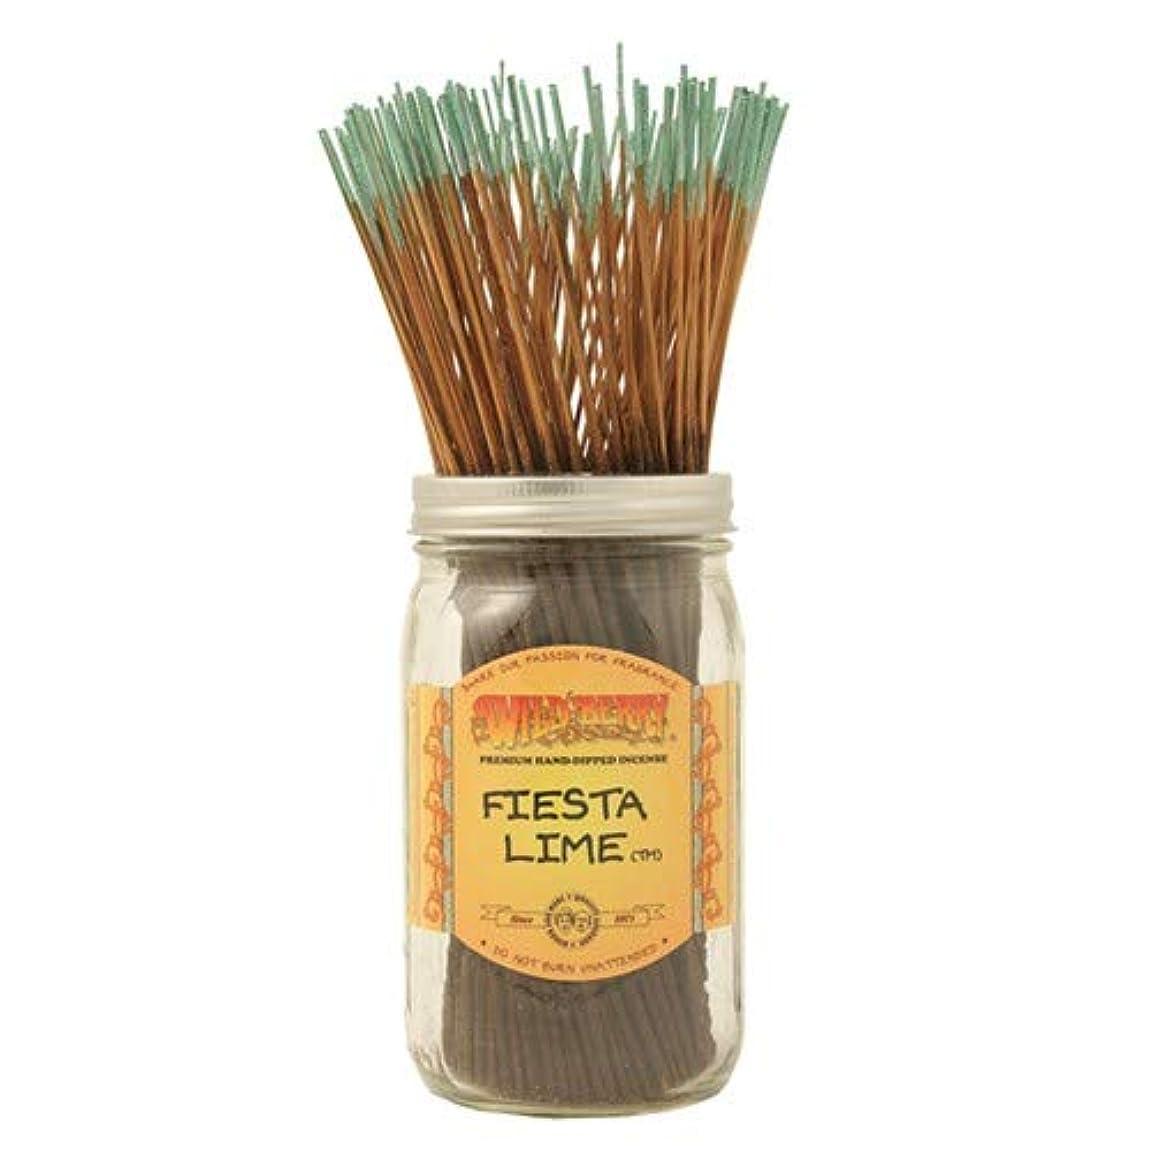 隔離しないでくださいつぶやきFiesta Lime - 100 Wildberry Incense Sticks by Wild Berry